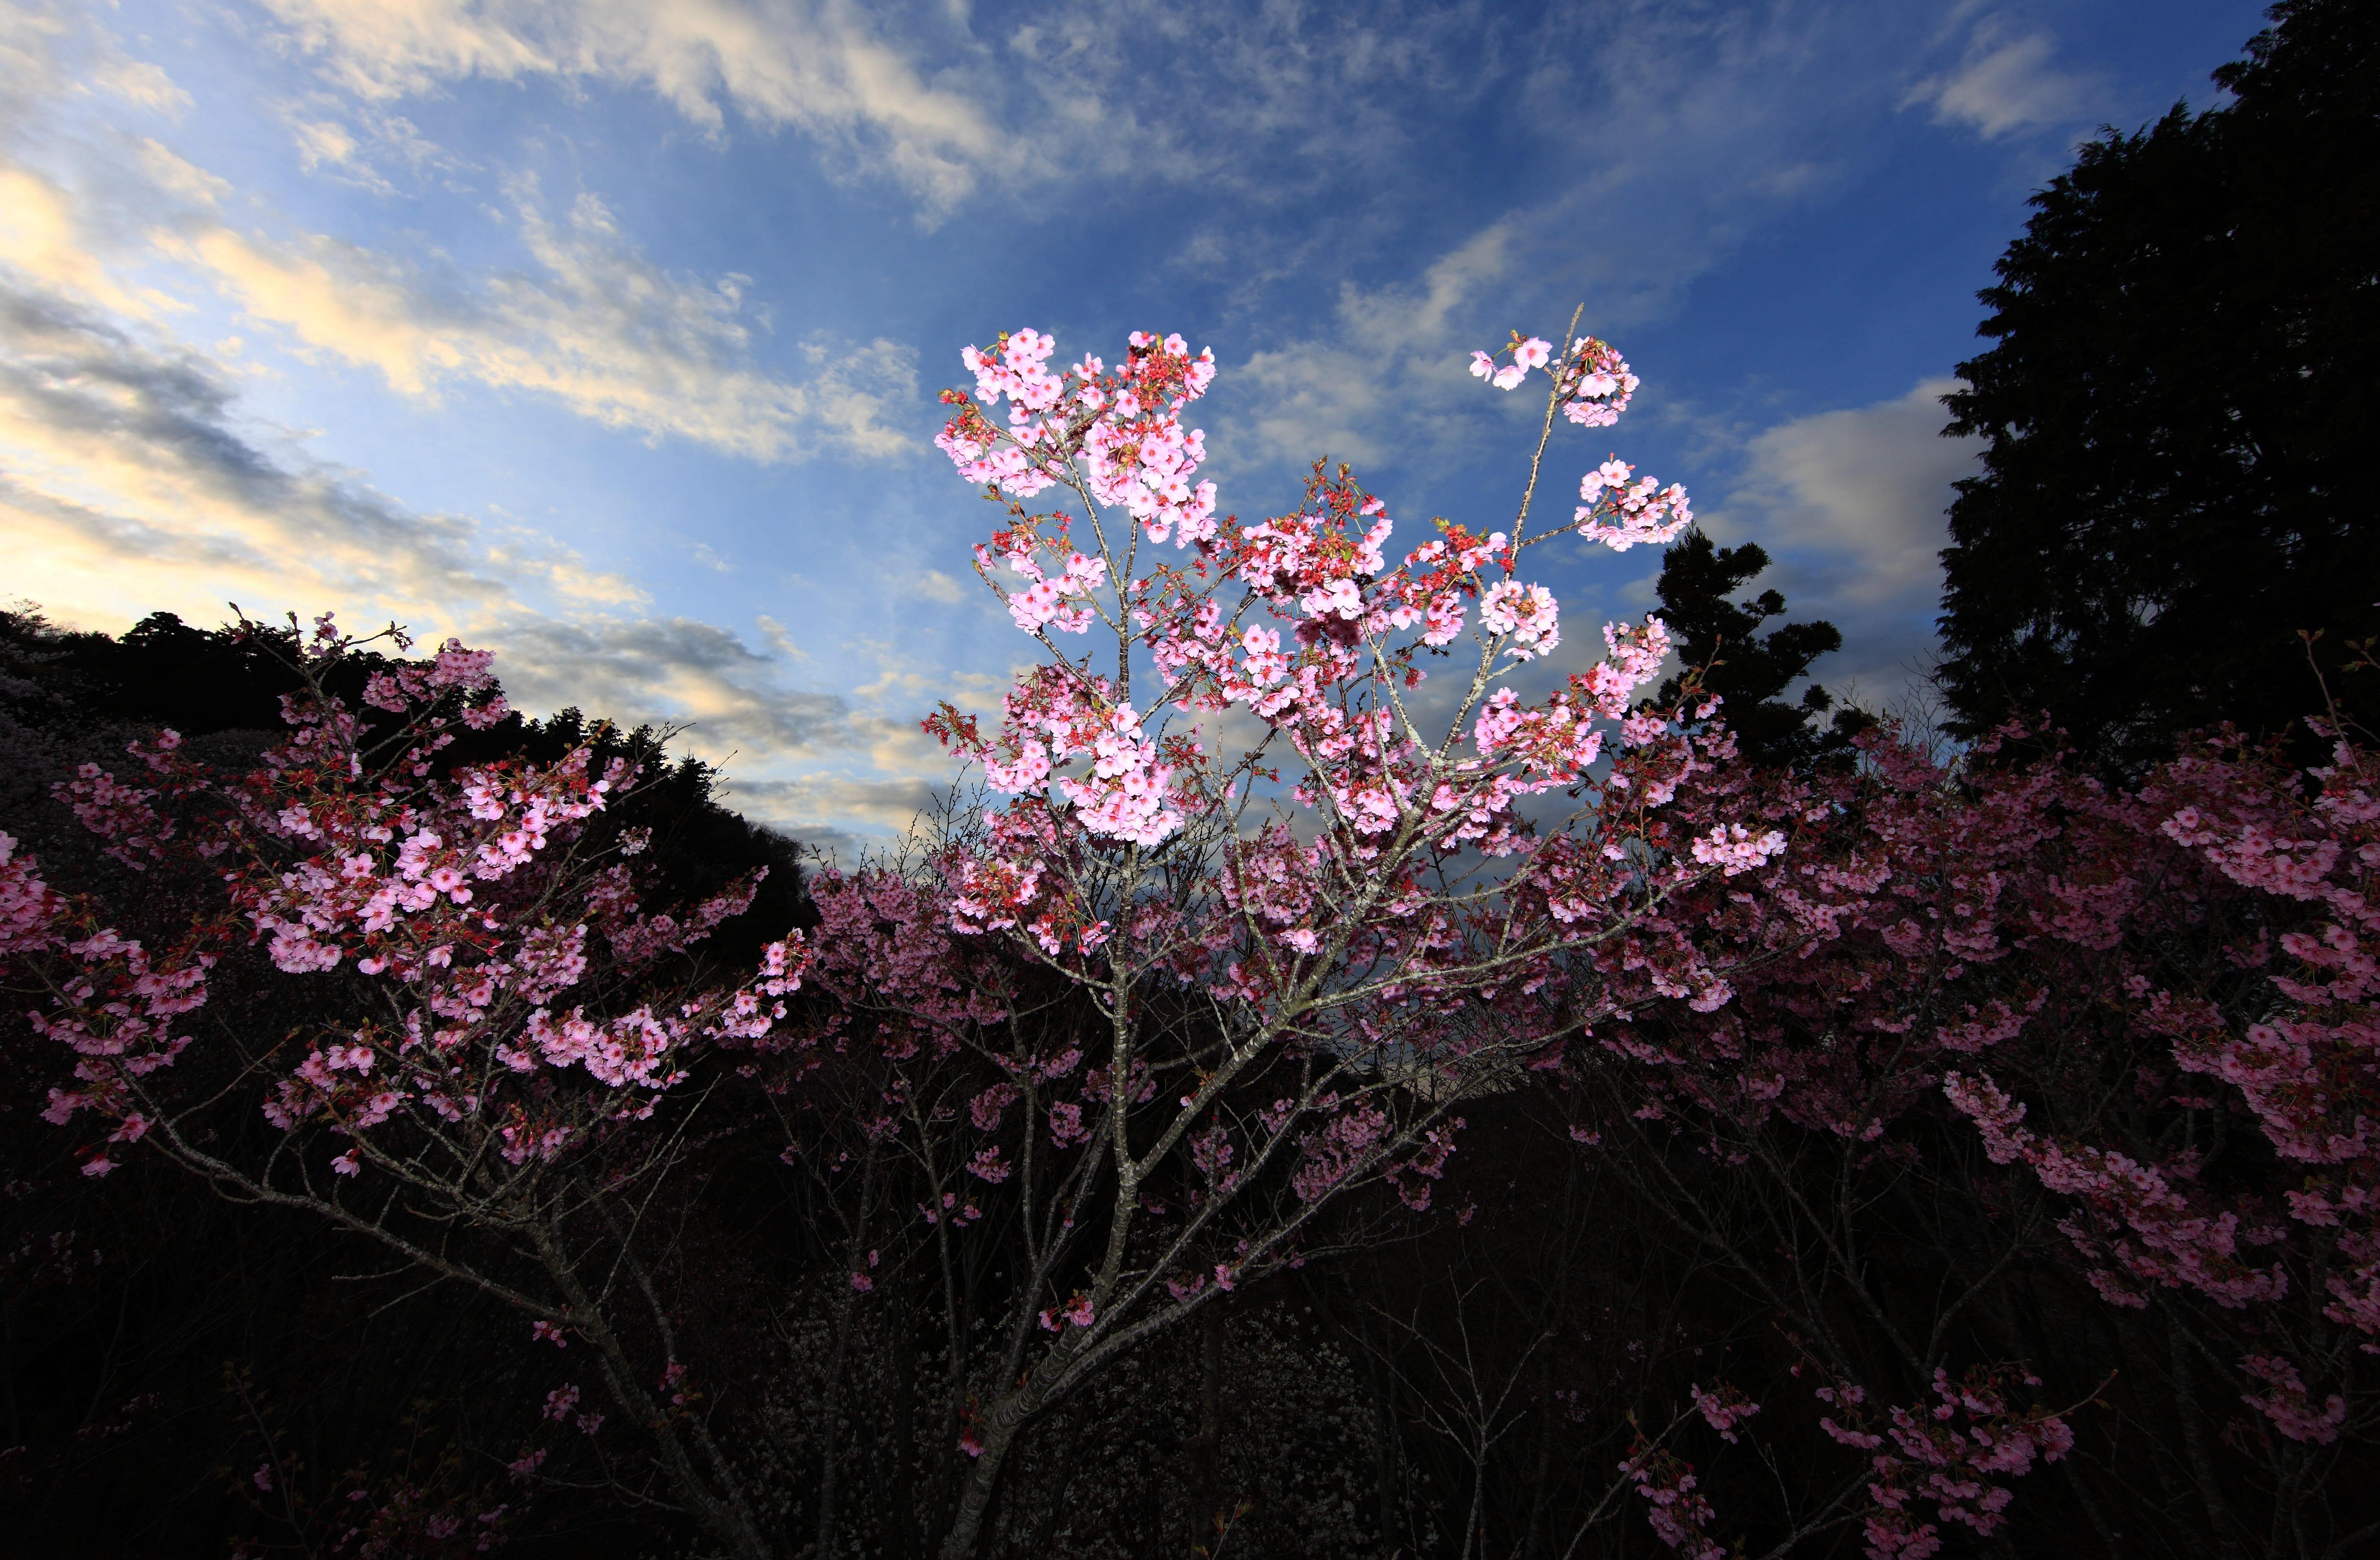 sakura-in-bloom-18